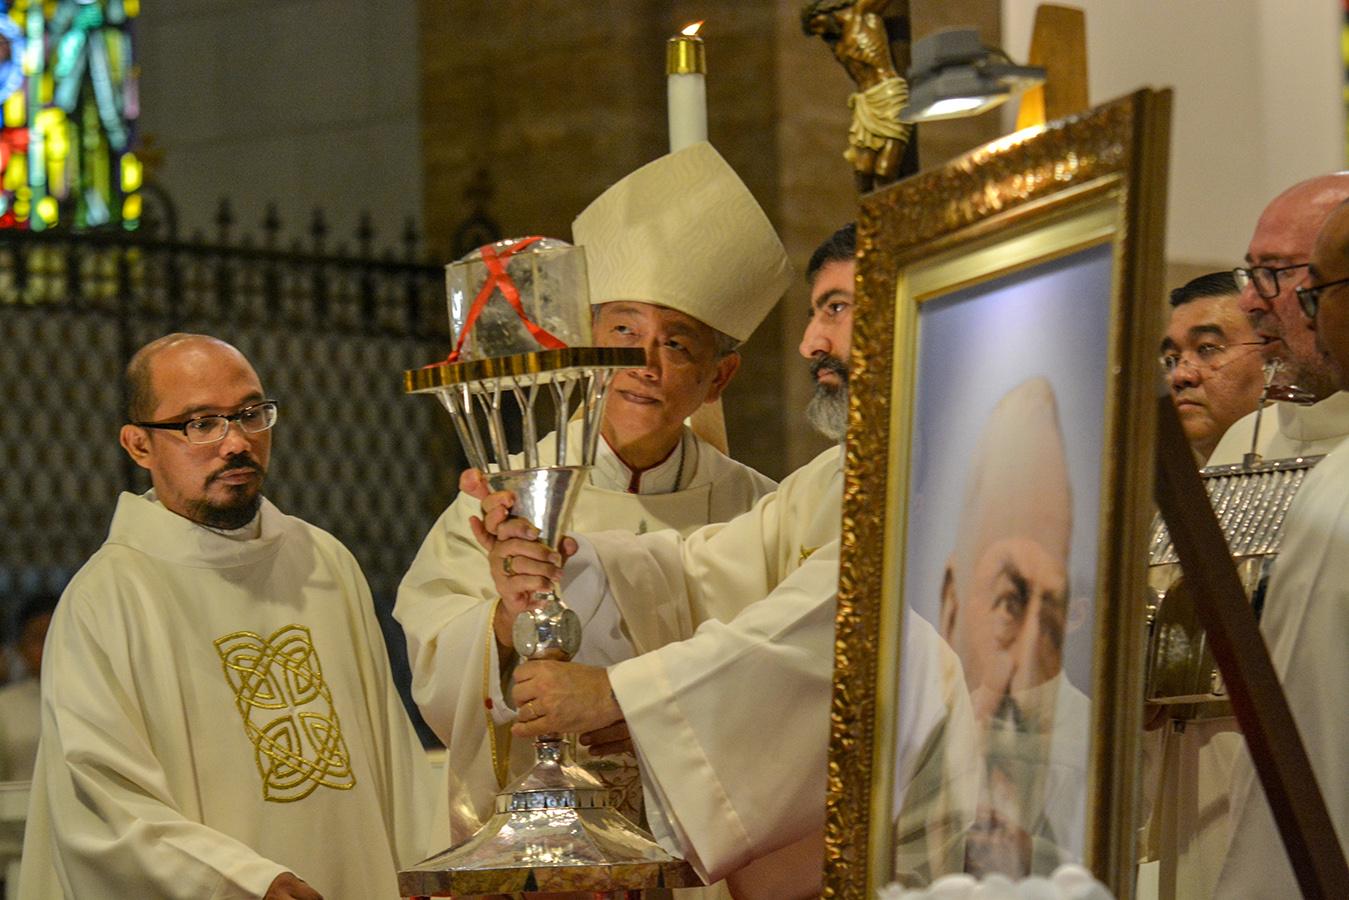 PadrePio-MlaCathedral-CBCPNews-100918-02